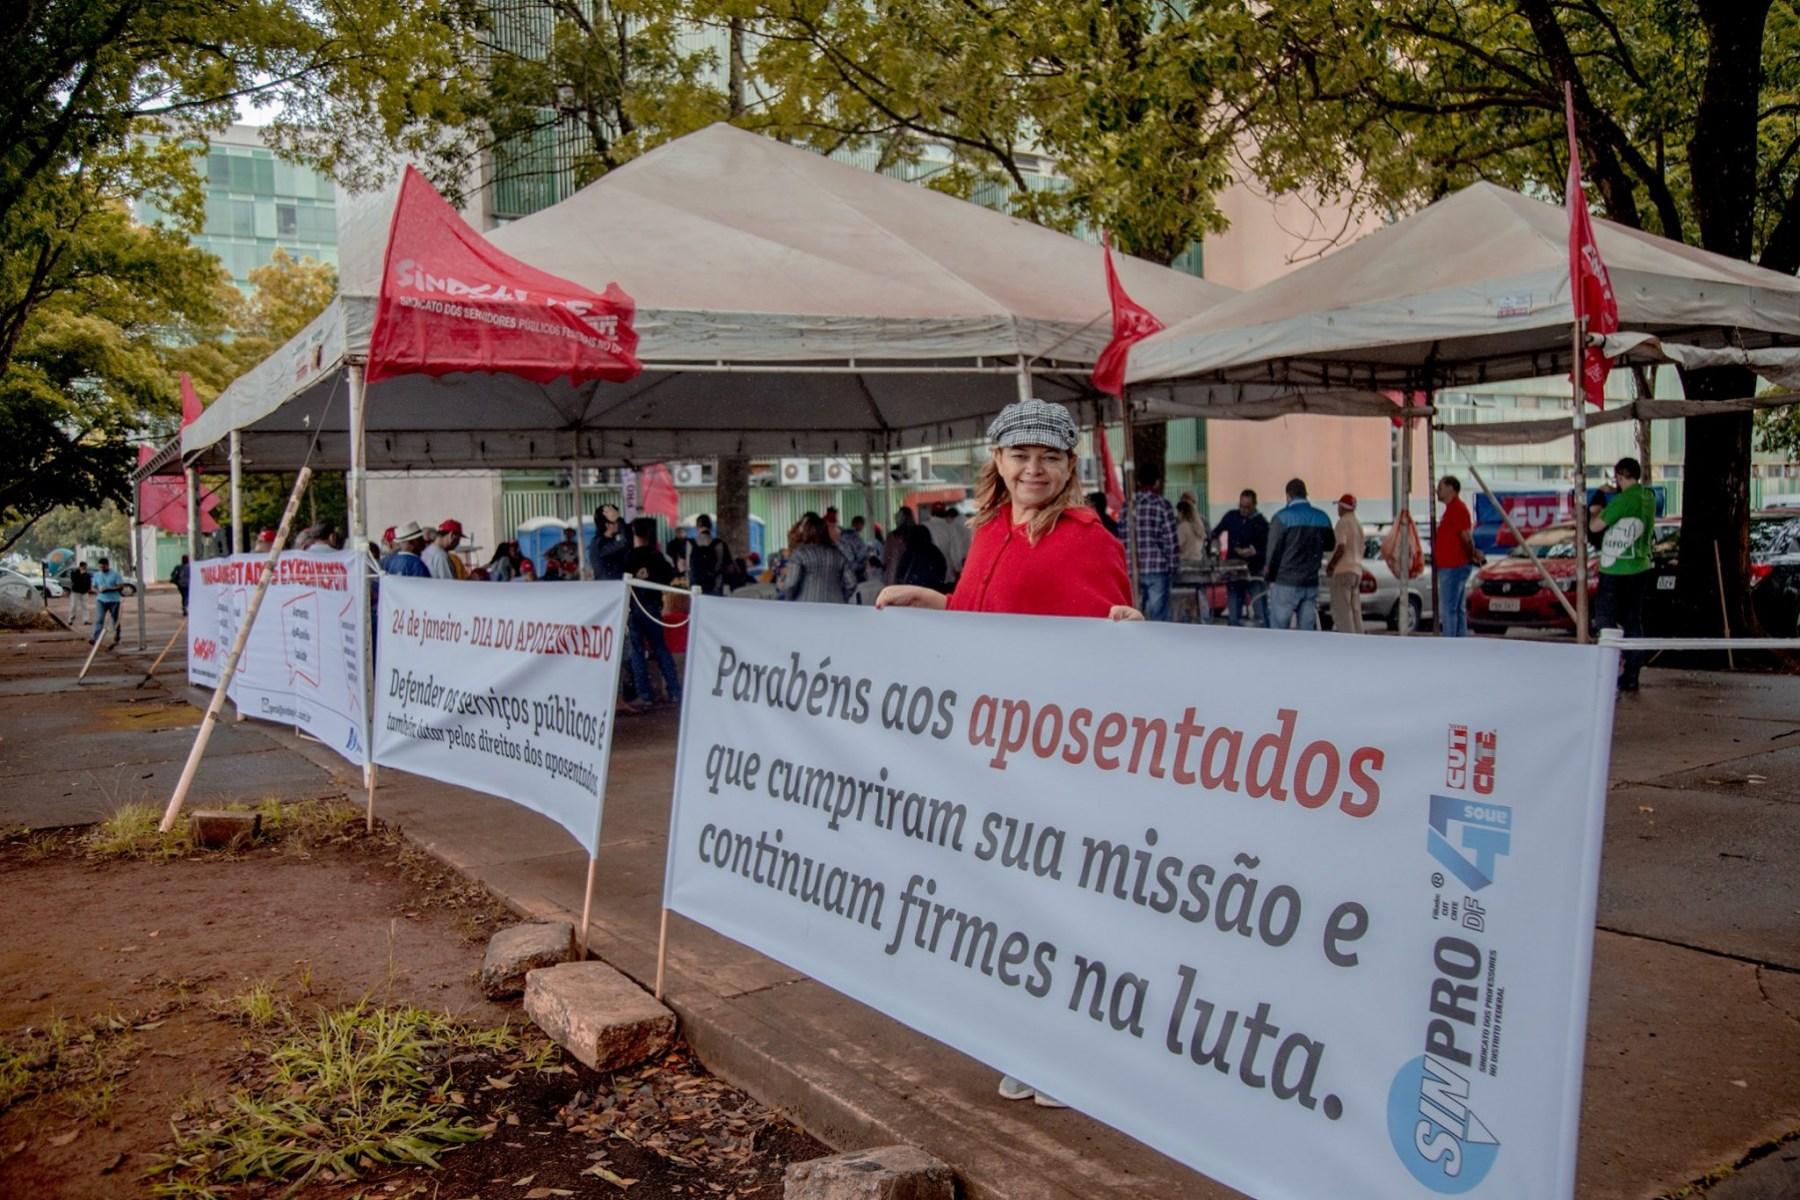 2020.01.24_Ato-em-defesa-do-Servico-Publico-e-dos-direitos-dos-aposentados_fotos-ECOM-6